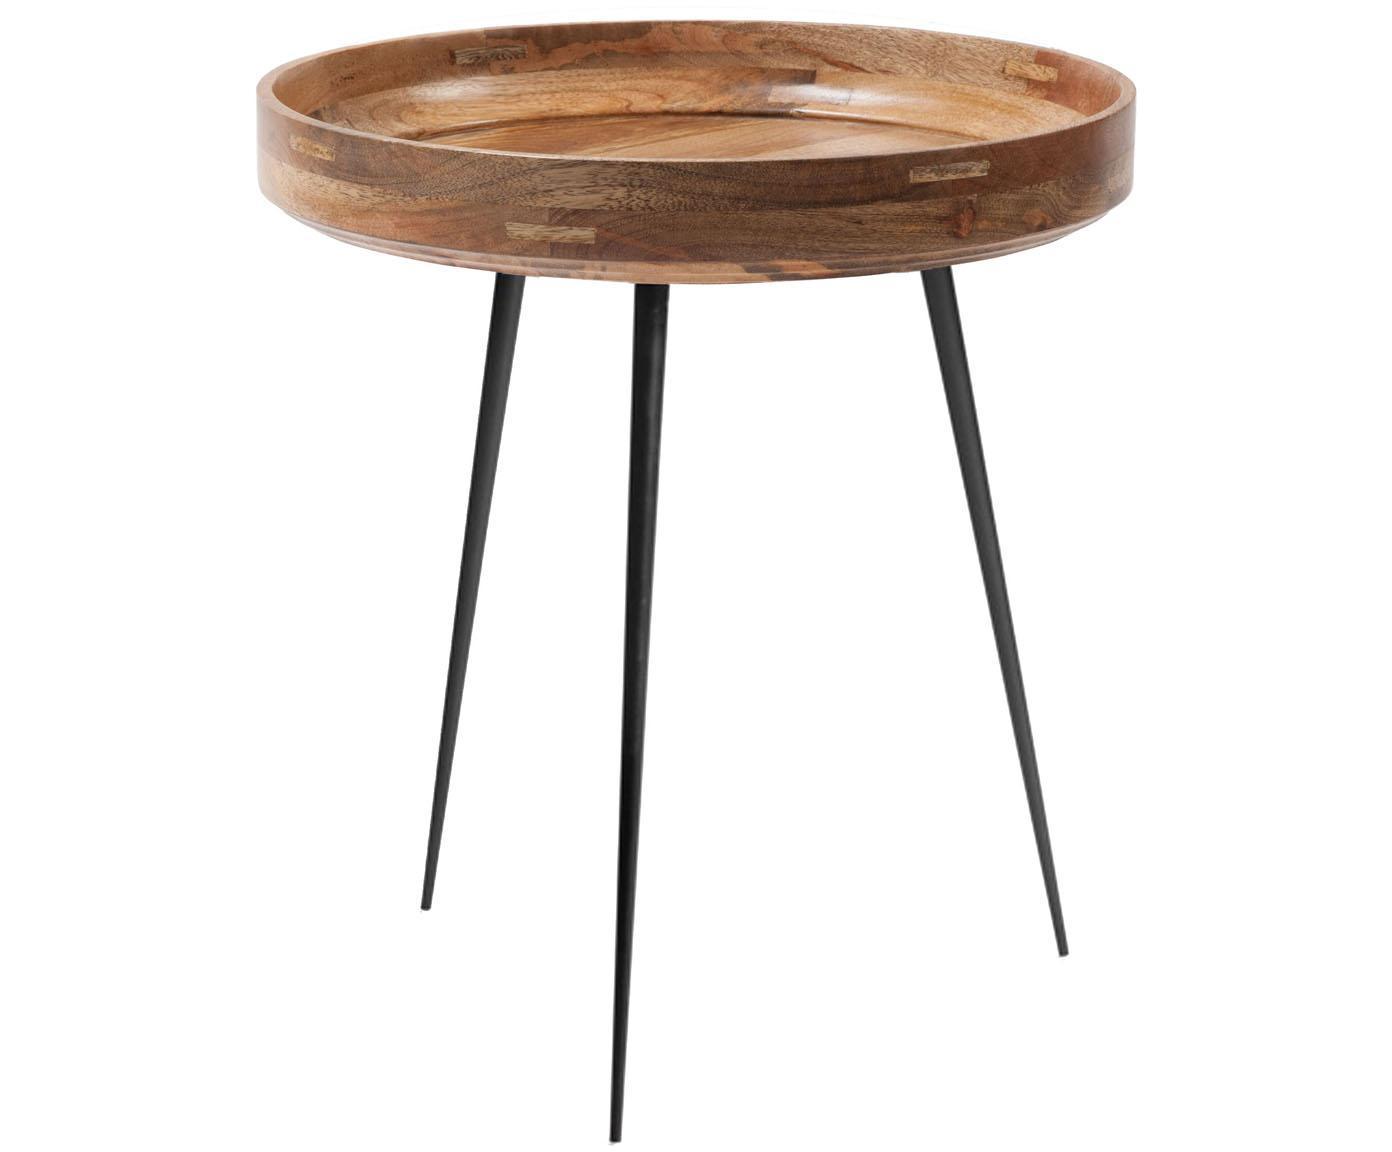 Design-Beistelltisch Bowl Table aus Mangoholz, Tischplatte: Mangoholz, klarlackiert, Beine: Stahl, pulverbeschichtet, Mangoholz, Schwarz, Ø 46 x H 52 cm